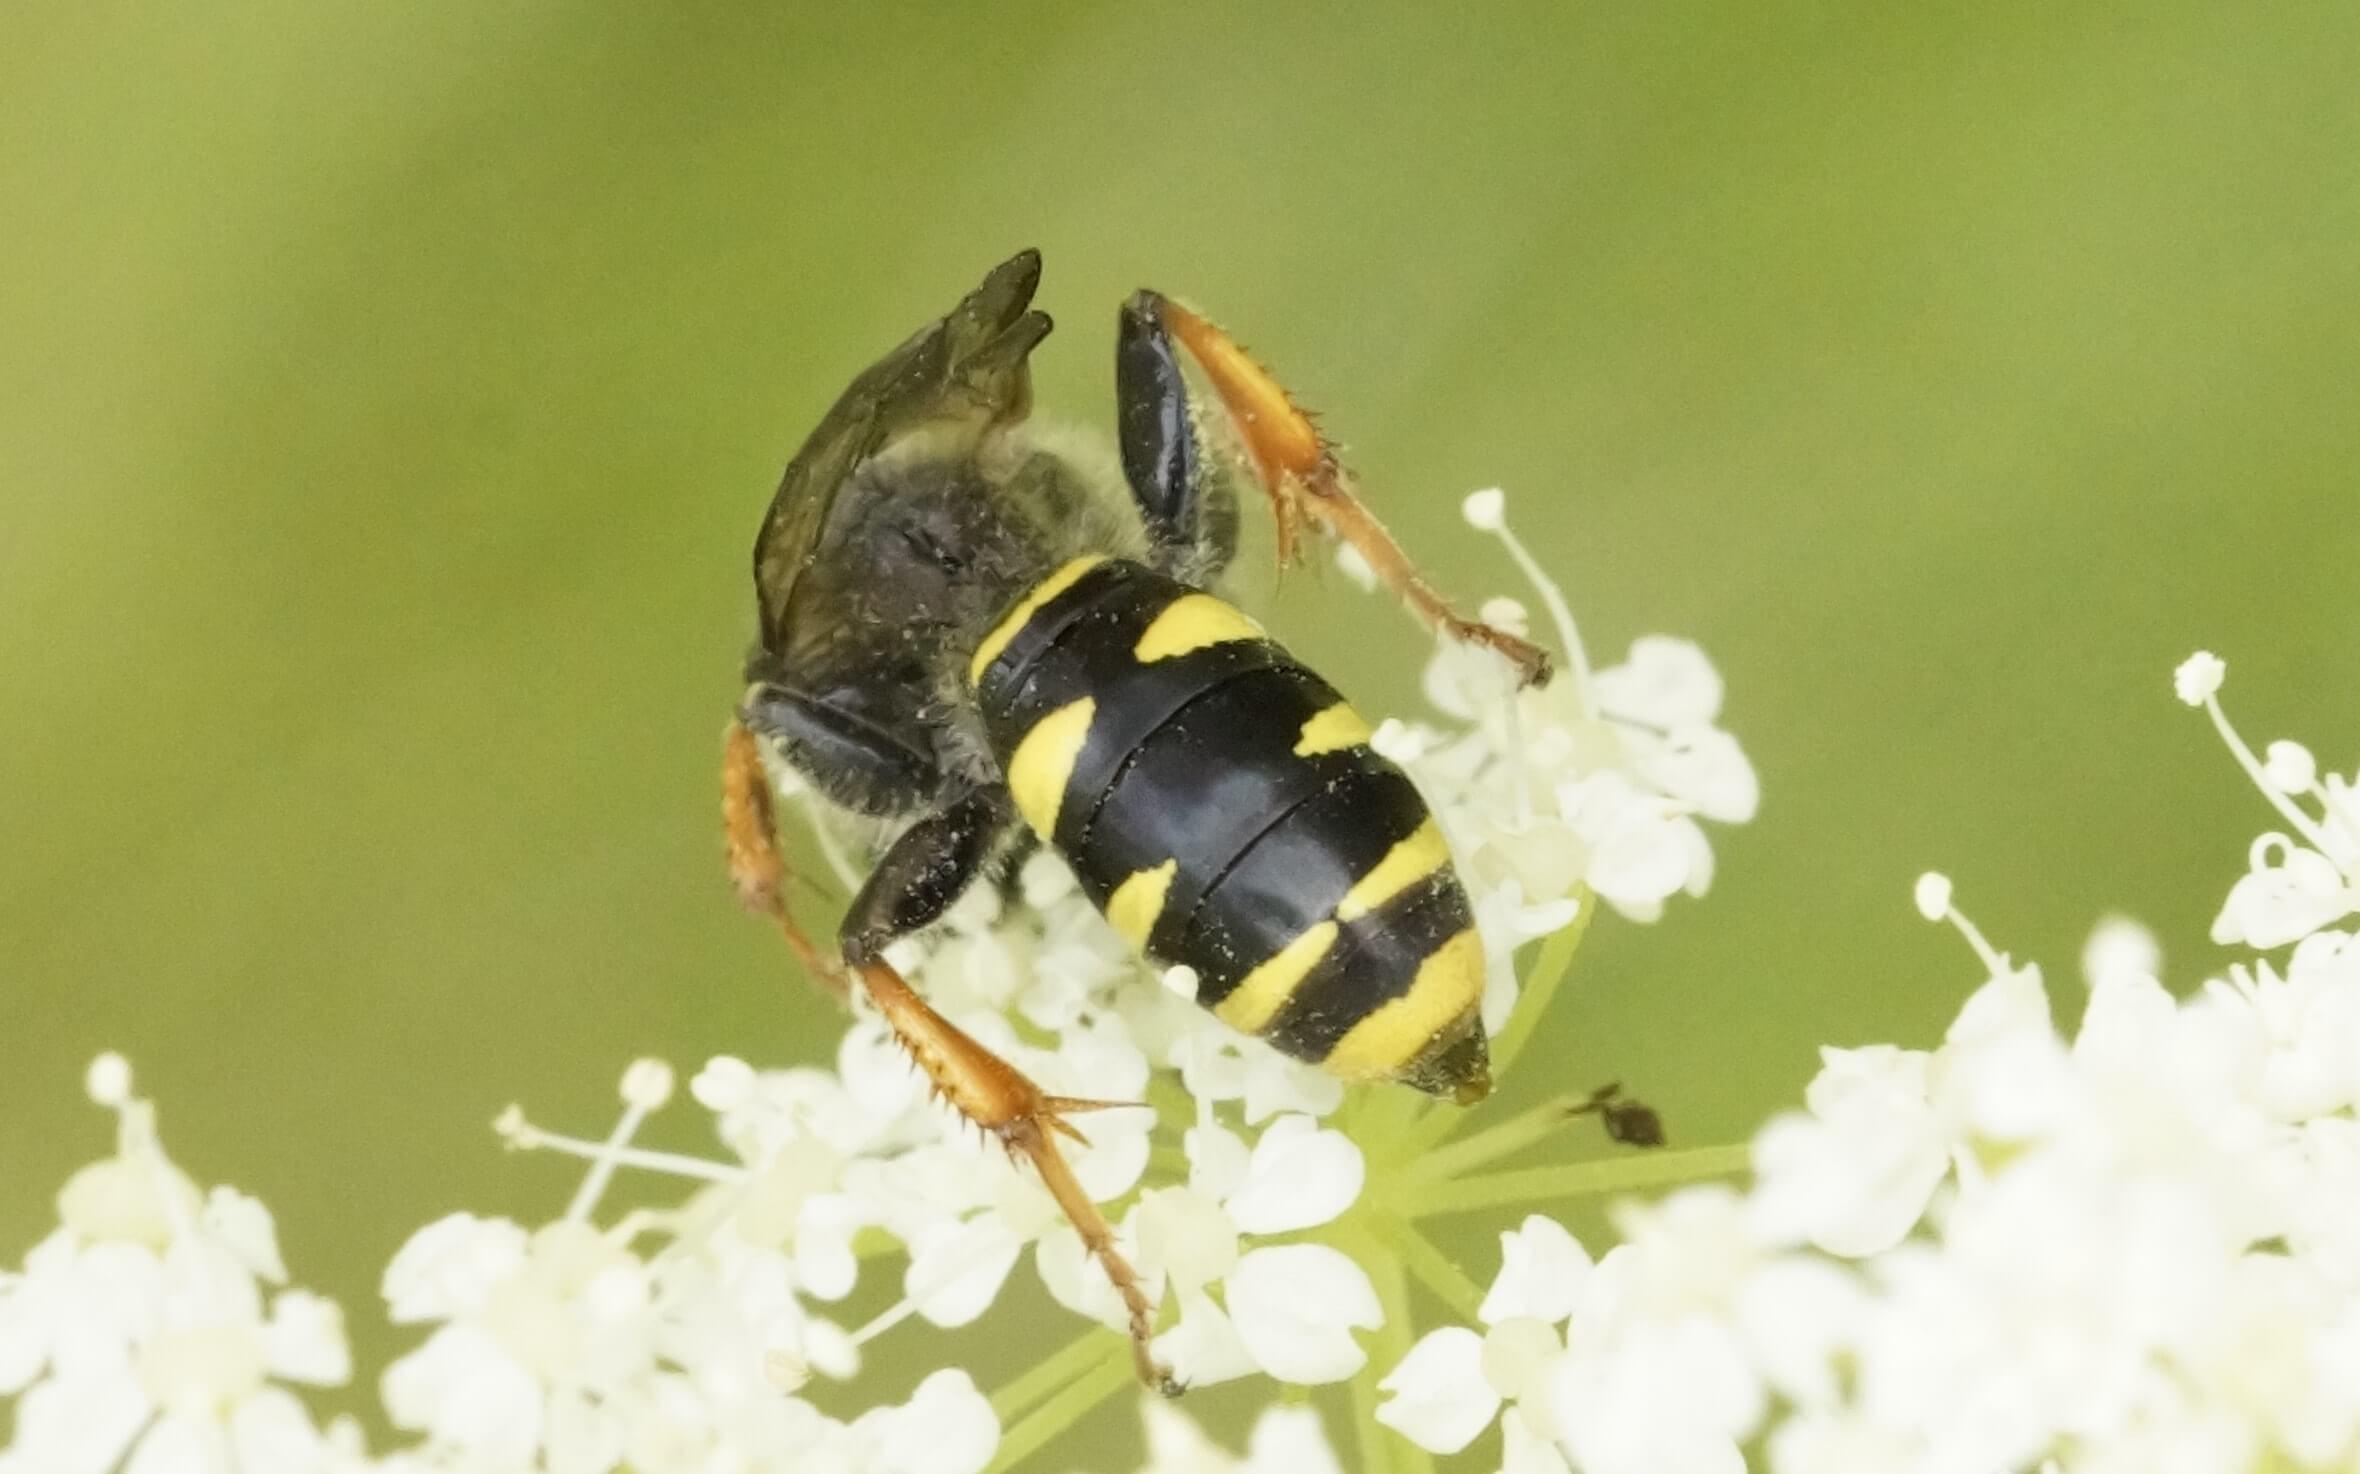 Crabro cribrarius-isokiiltohukka, naaras (det. Juho Paukkunen)